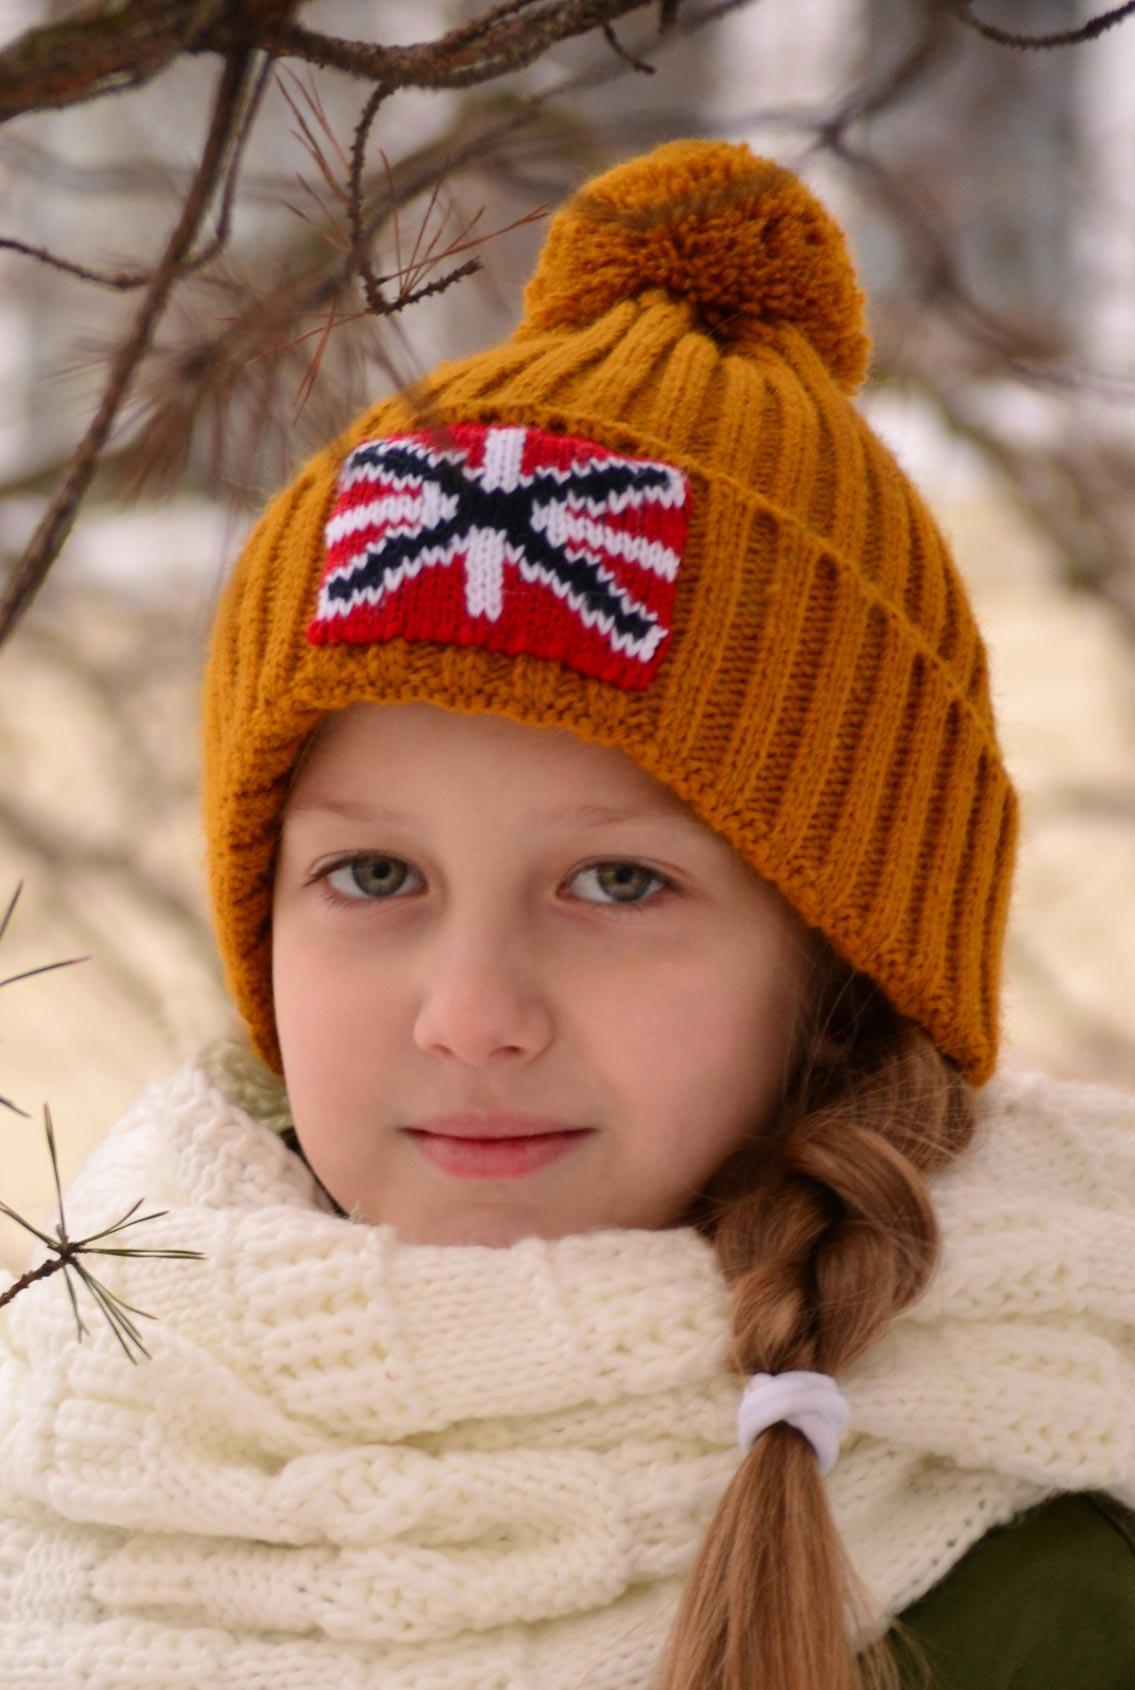 шапка с андреевским крестом, hat with St. Andrew's cross